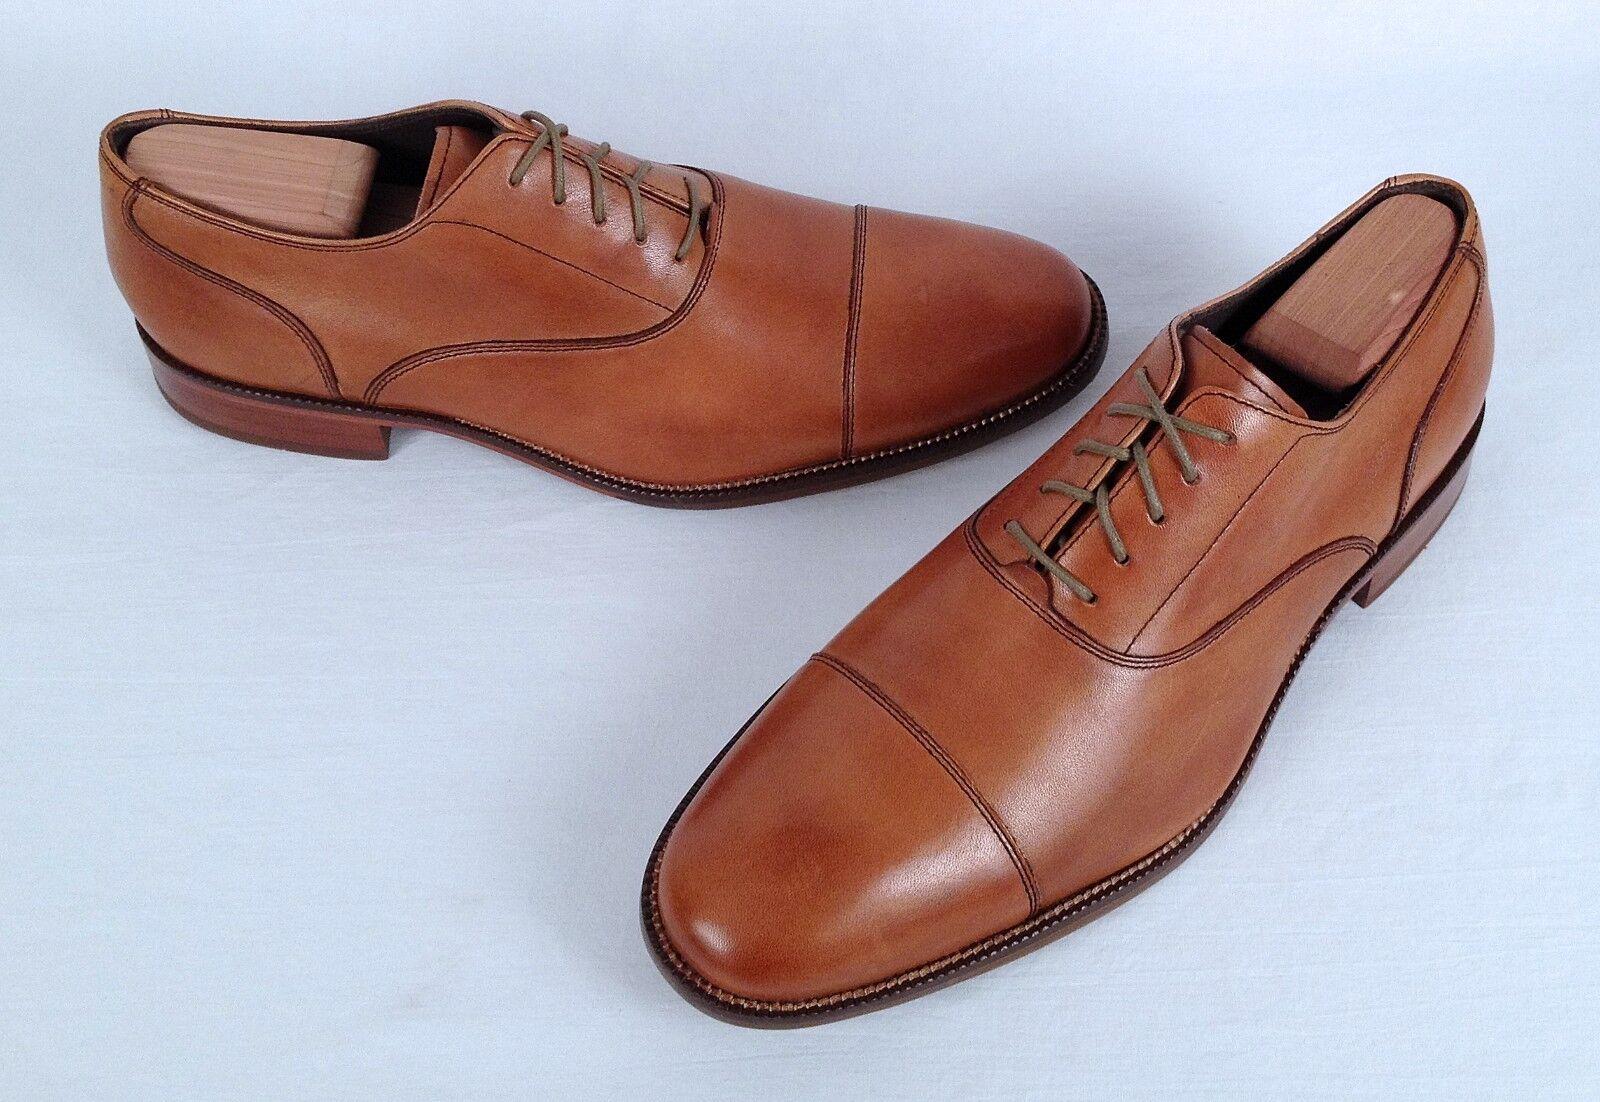 NEW!! Cole Haan Captoe Oxford- Walnut Tan- Size 11 M   (CH2)